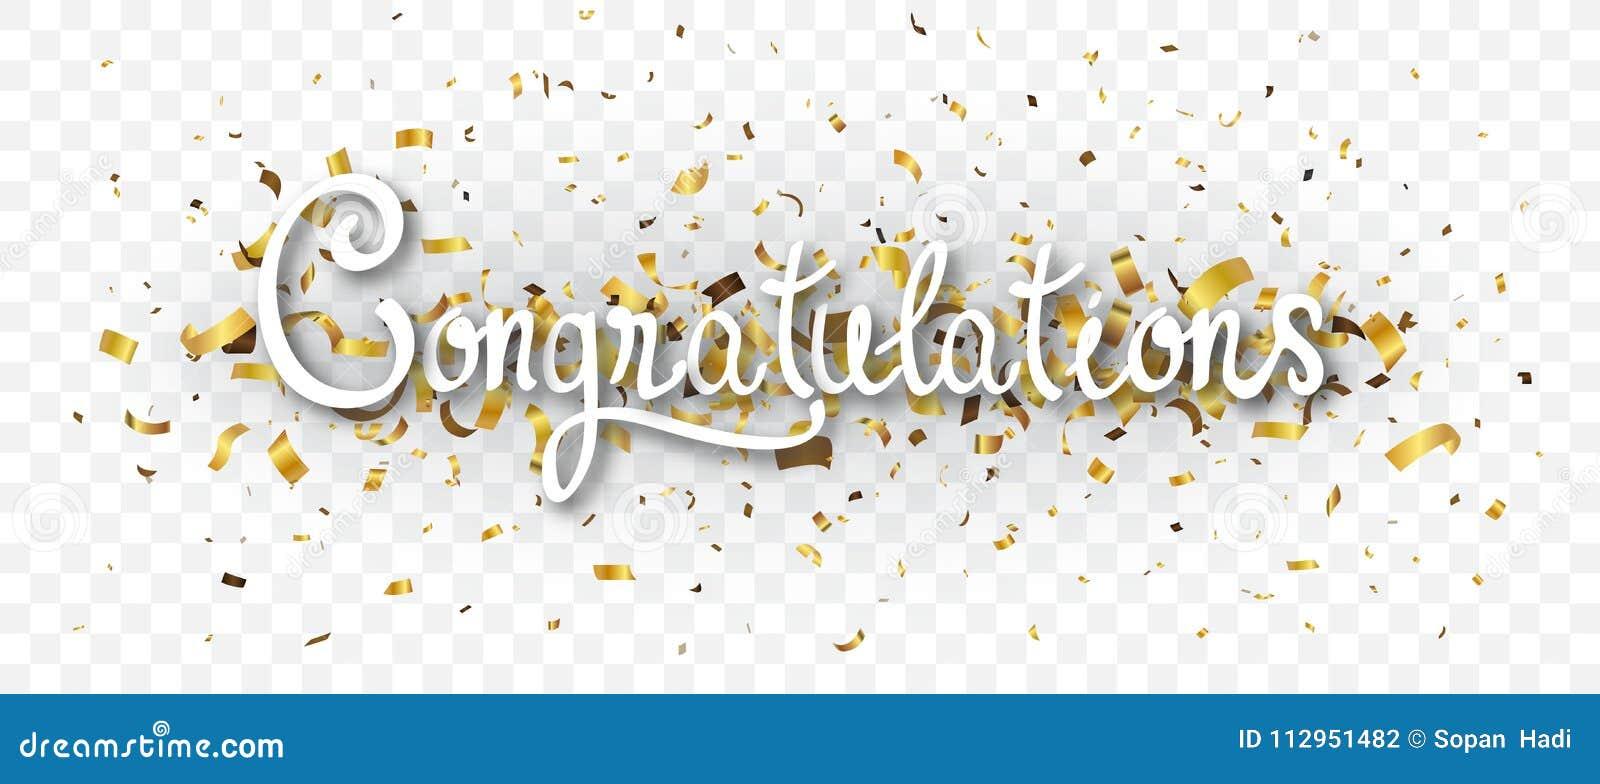 Glückwunschfahne mit den Goldkonfettis, lokalisiert auf transparentem Hintergrund